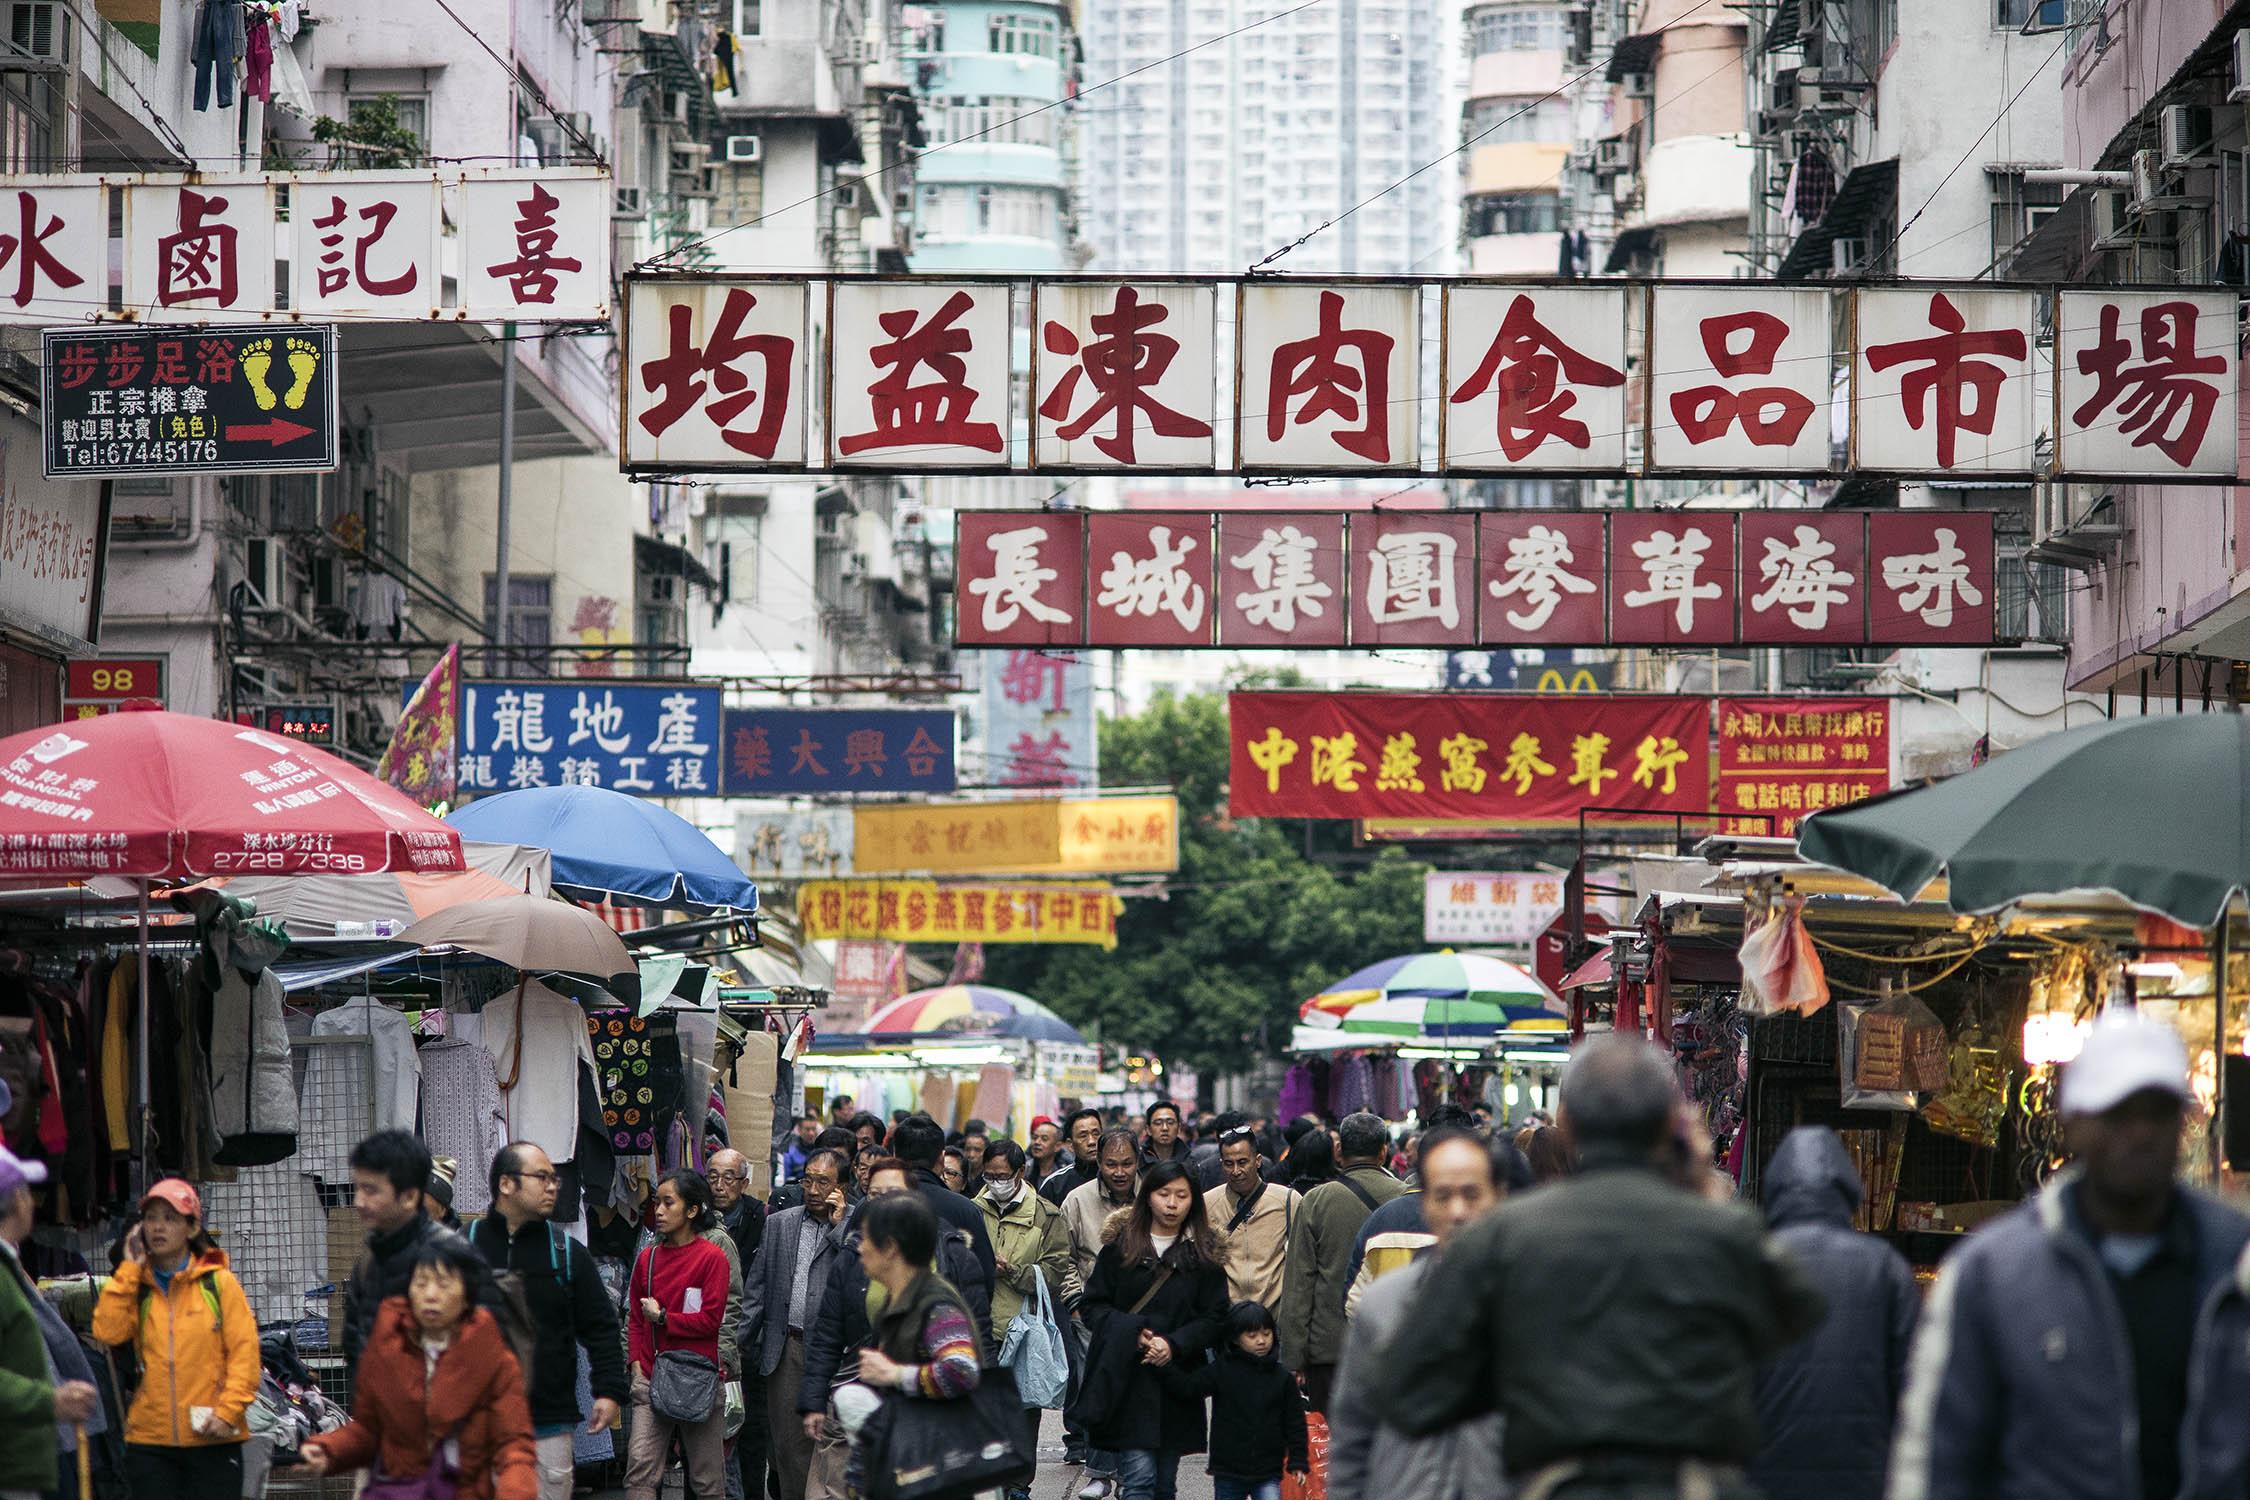 Sham Shui Po Street Signs